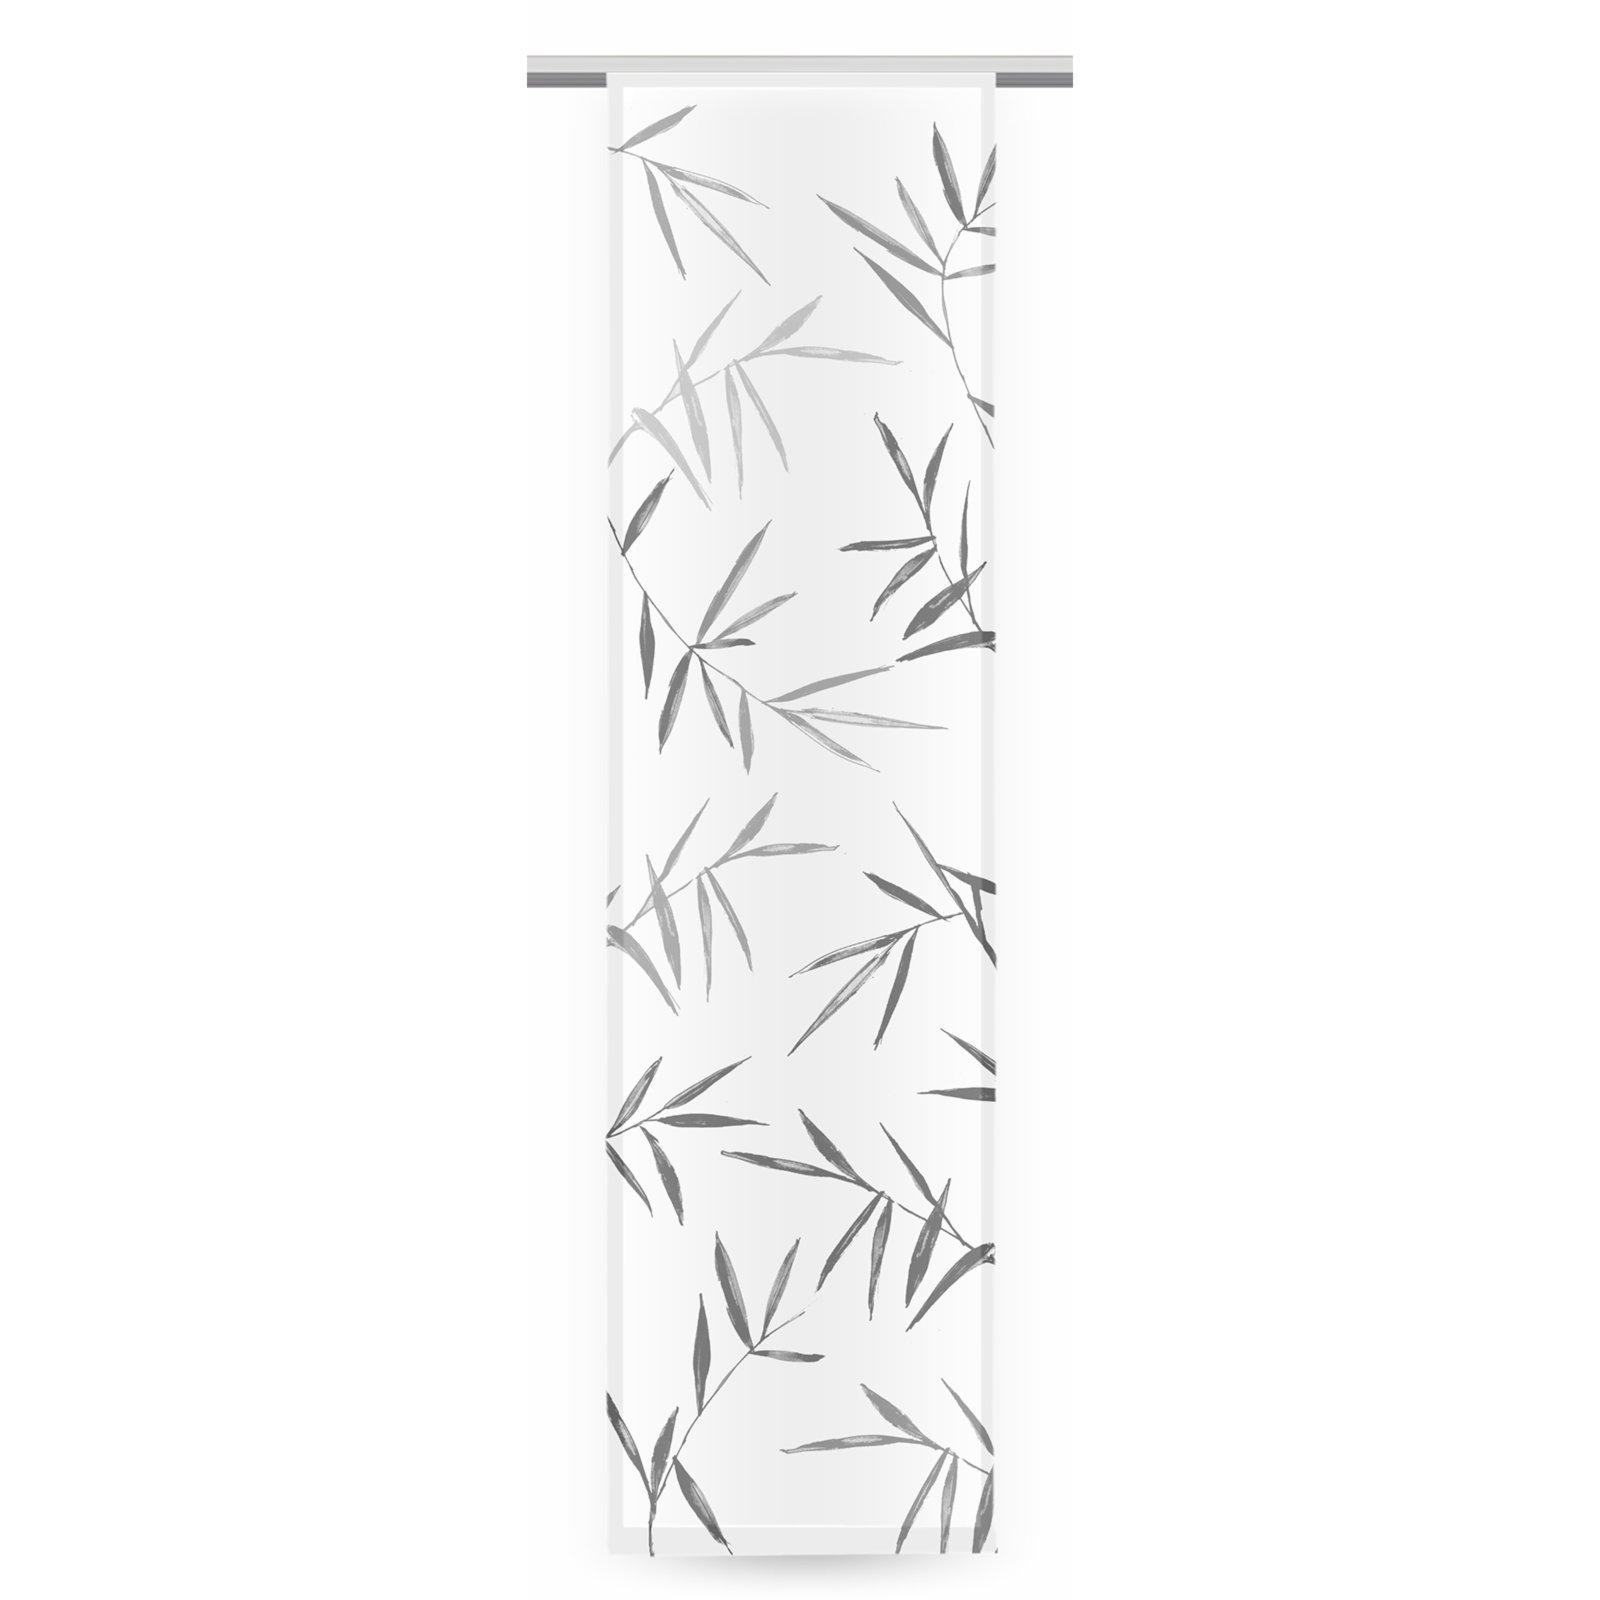 Schiebevorhang bambus wei anthrazit 60x245 cm for Bambus schiebevorhang